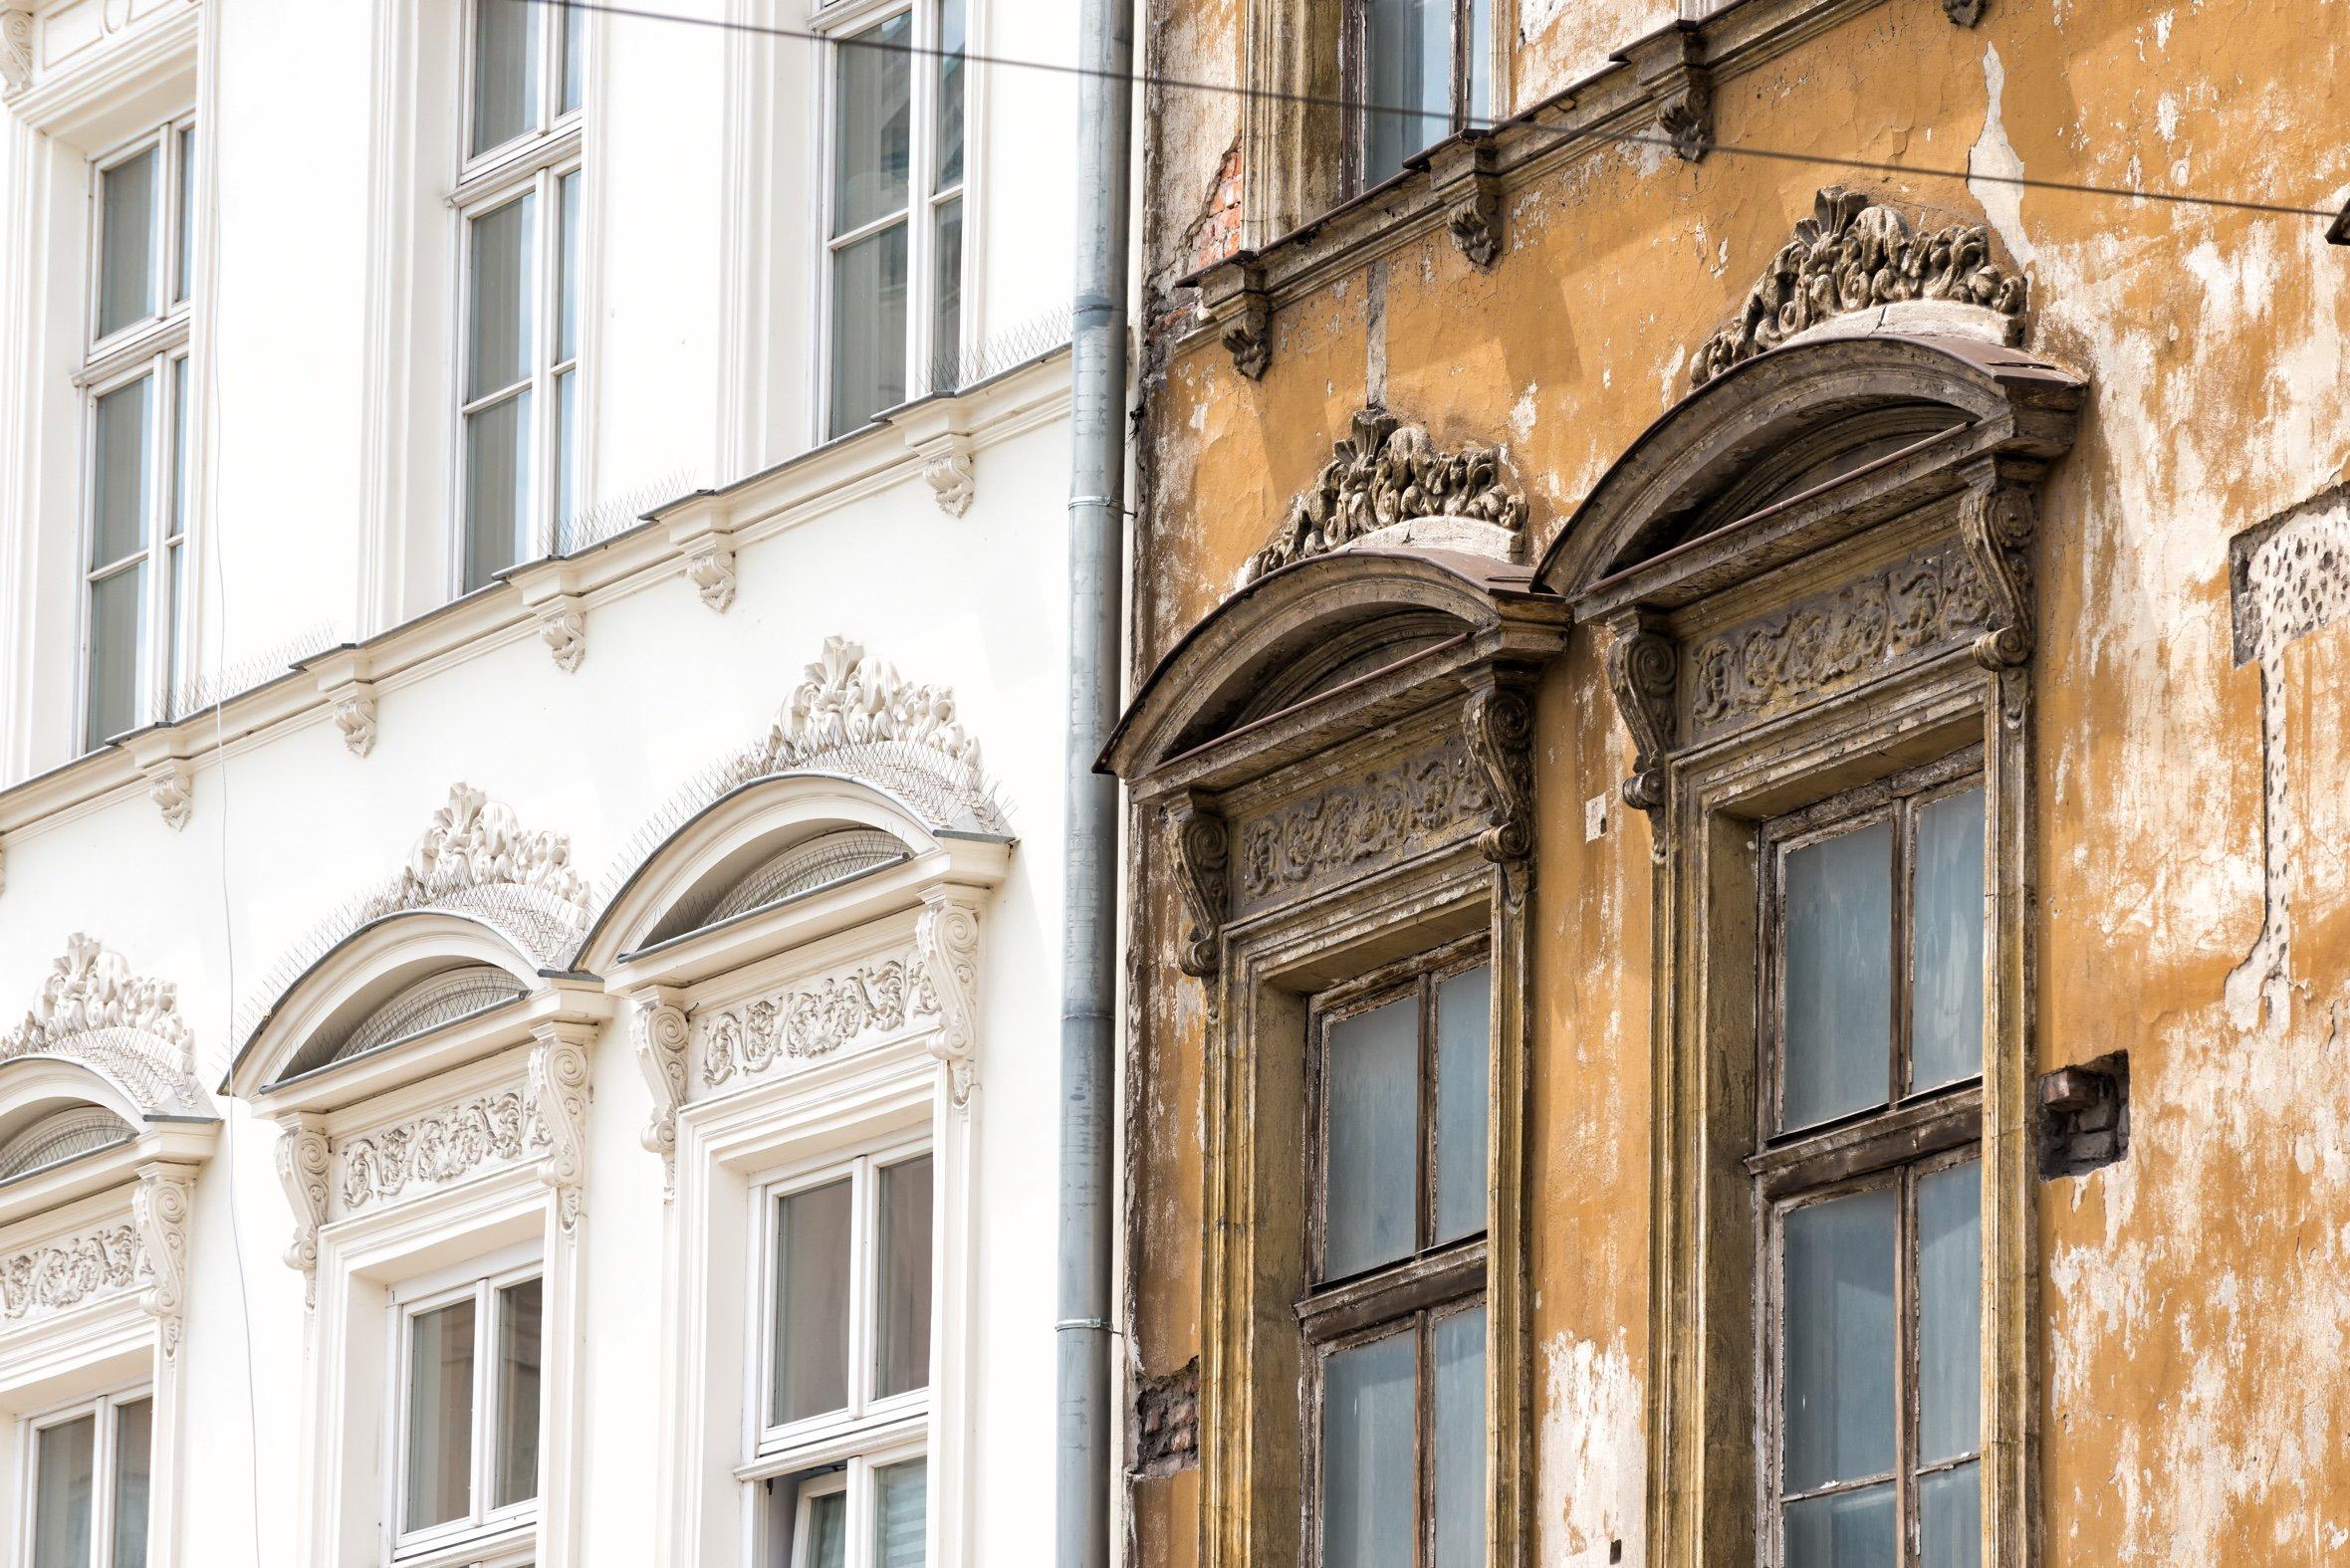 Presencia de humedades estructurales en edificios.